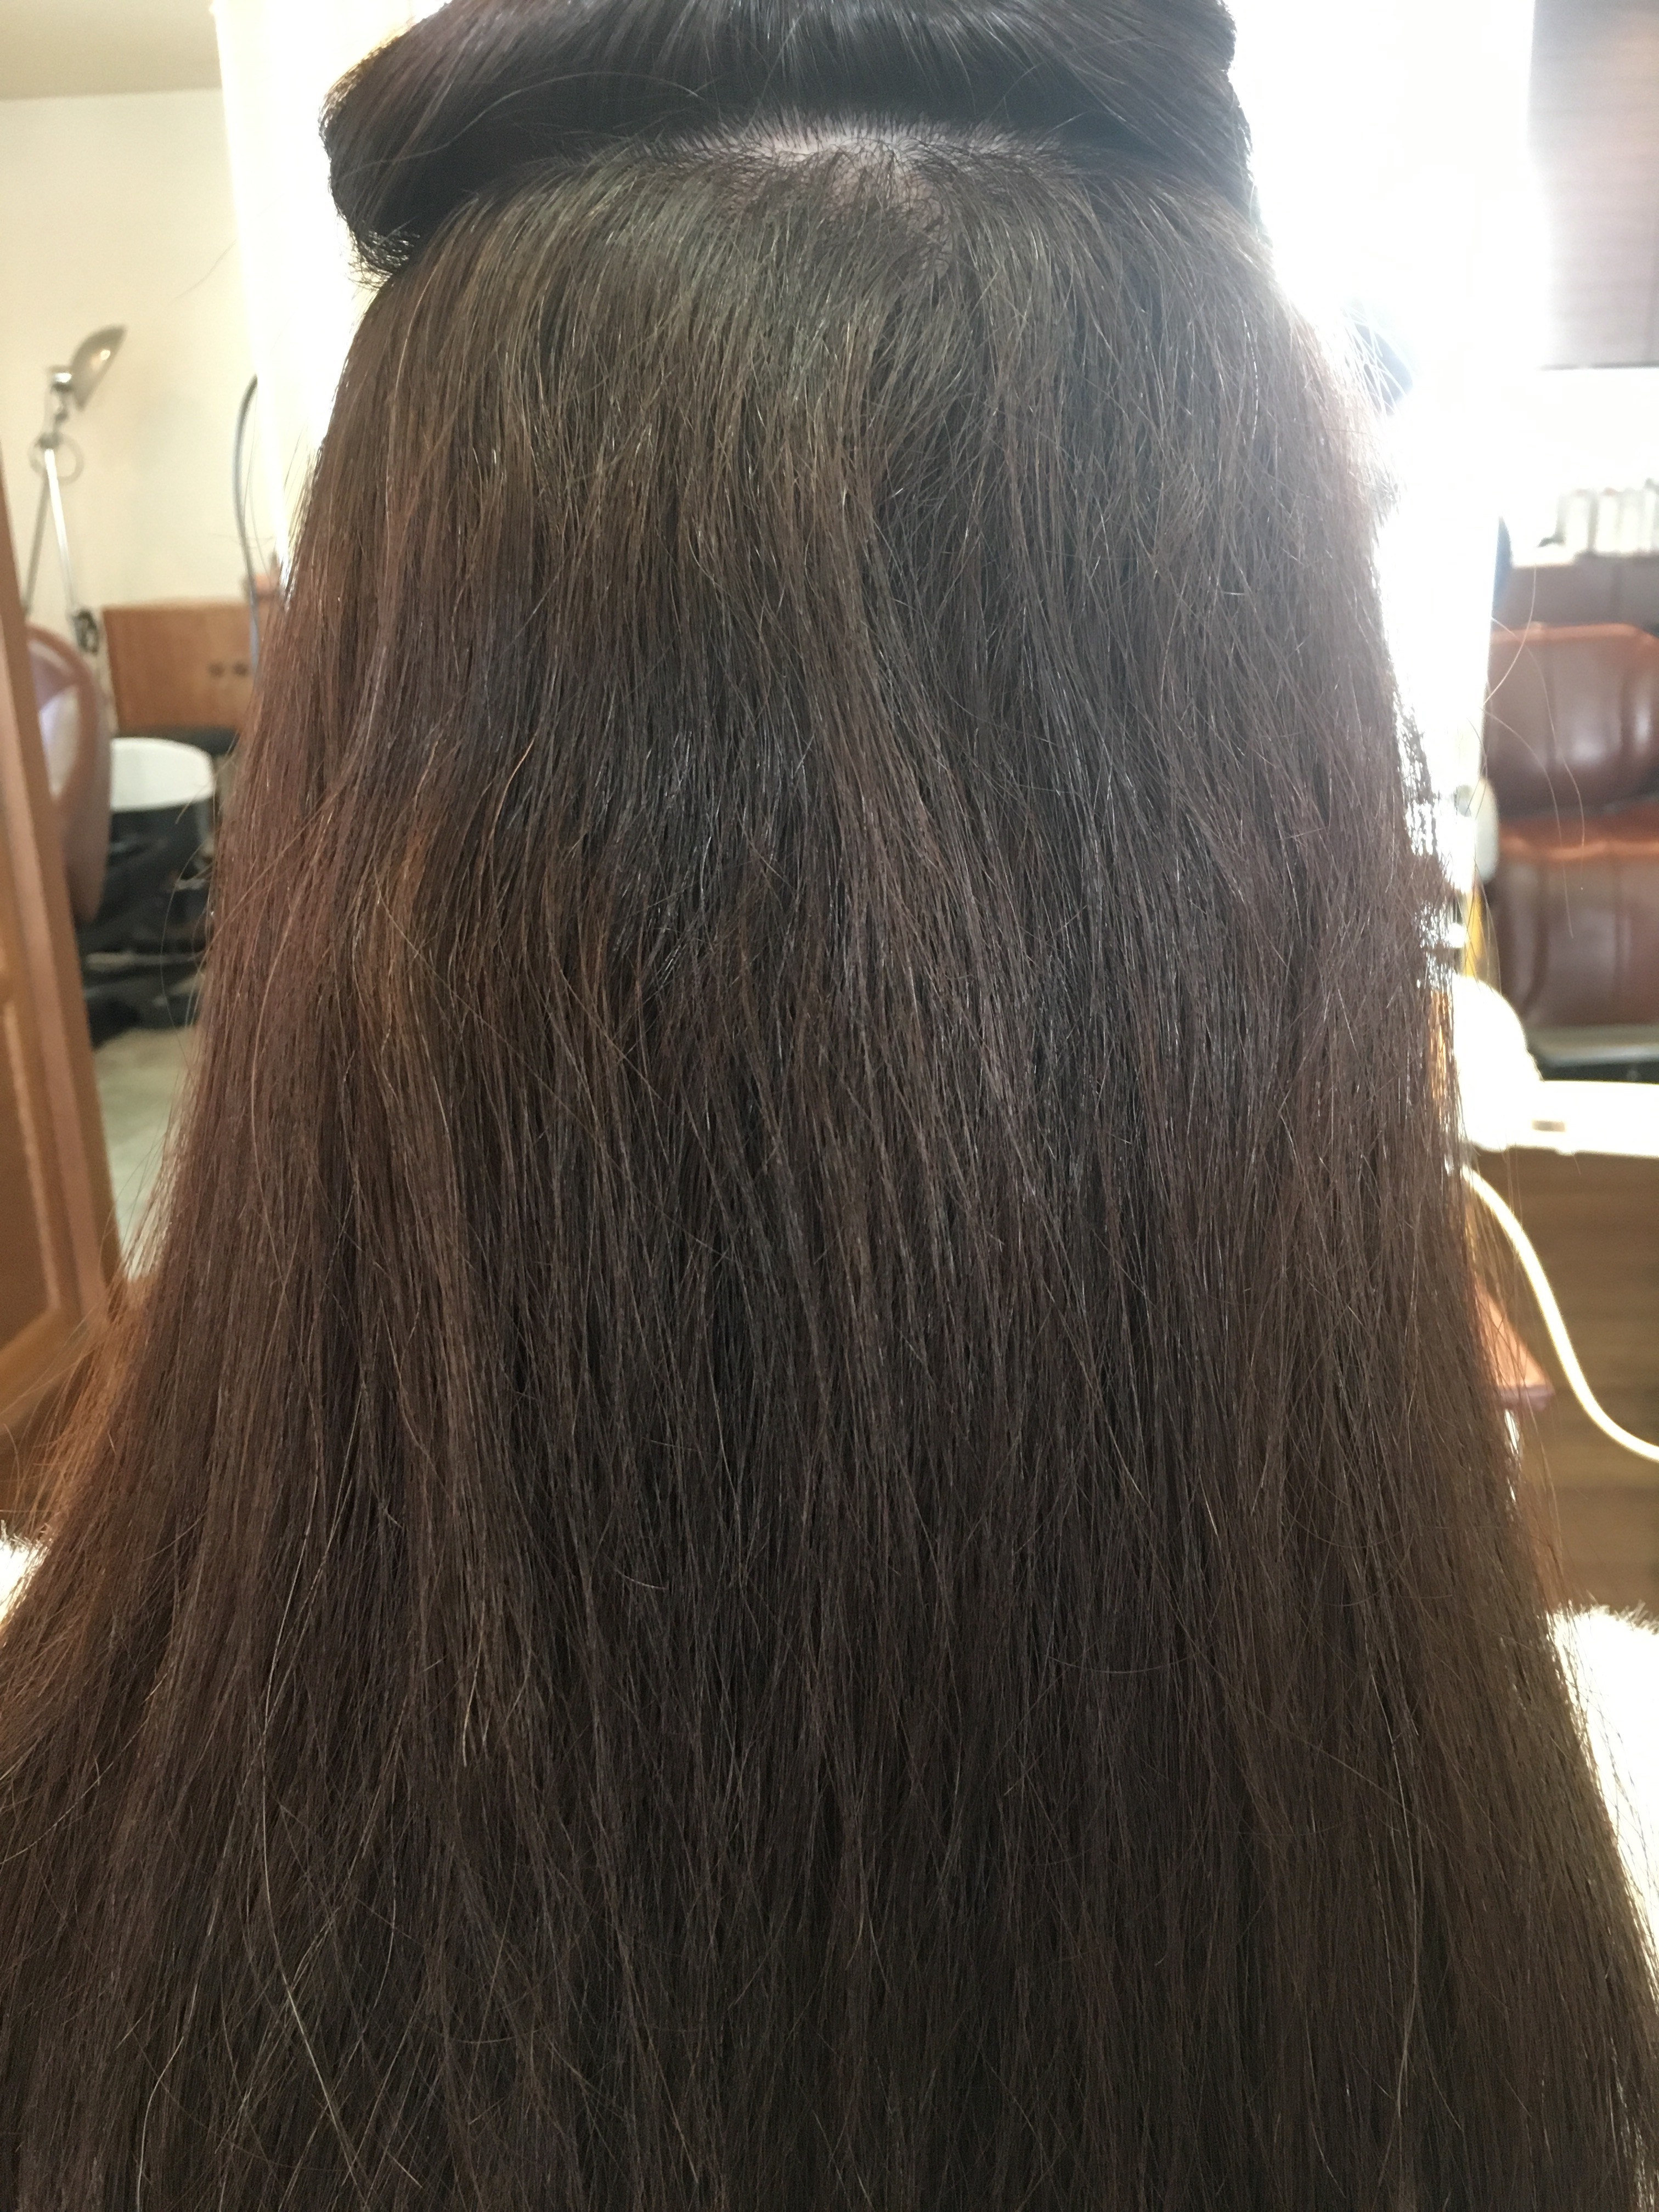 縮毛矯正前のクセ毛の状態